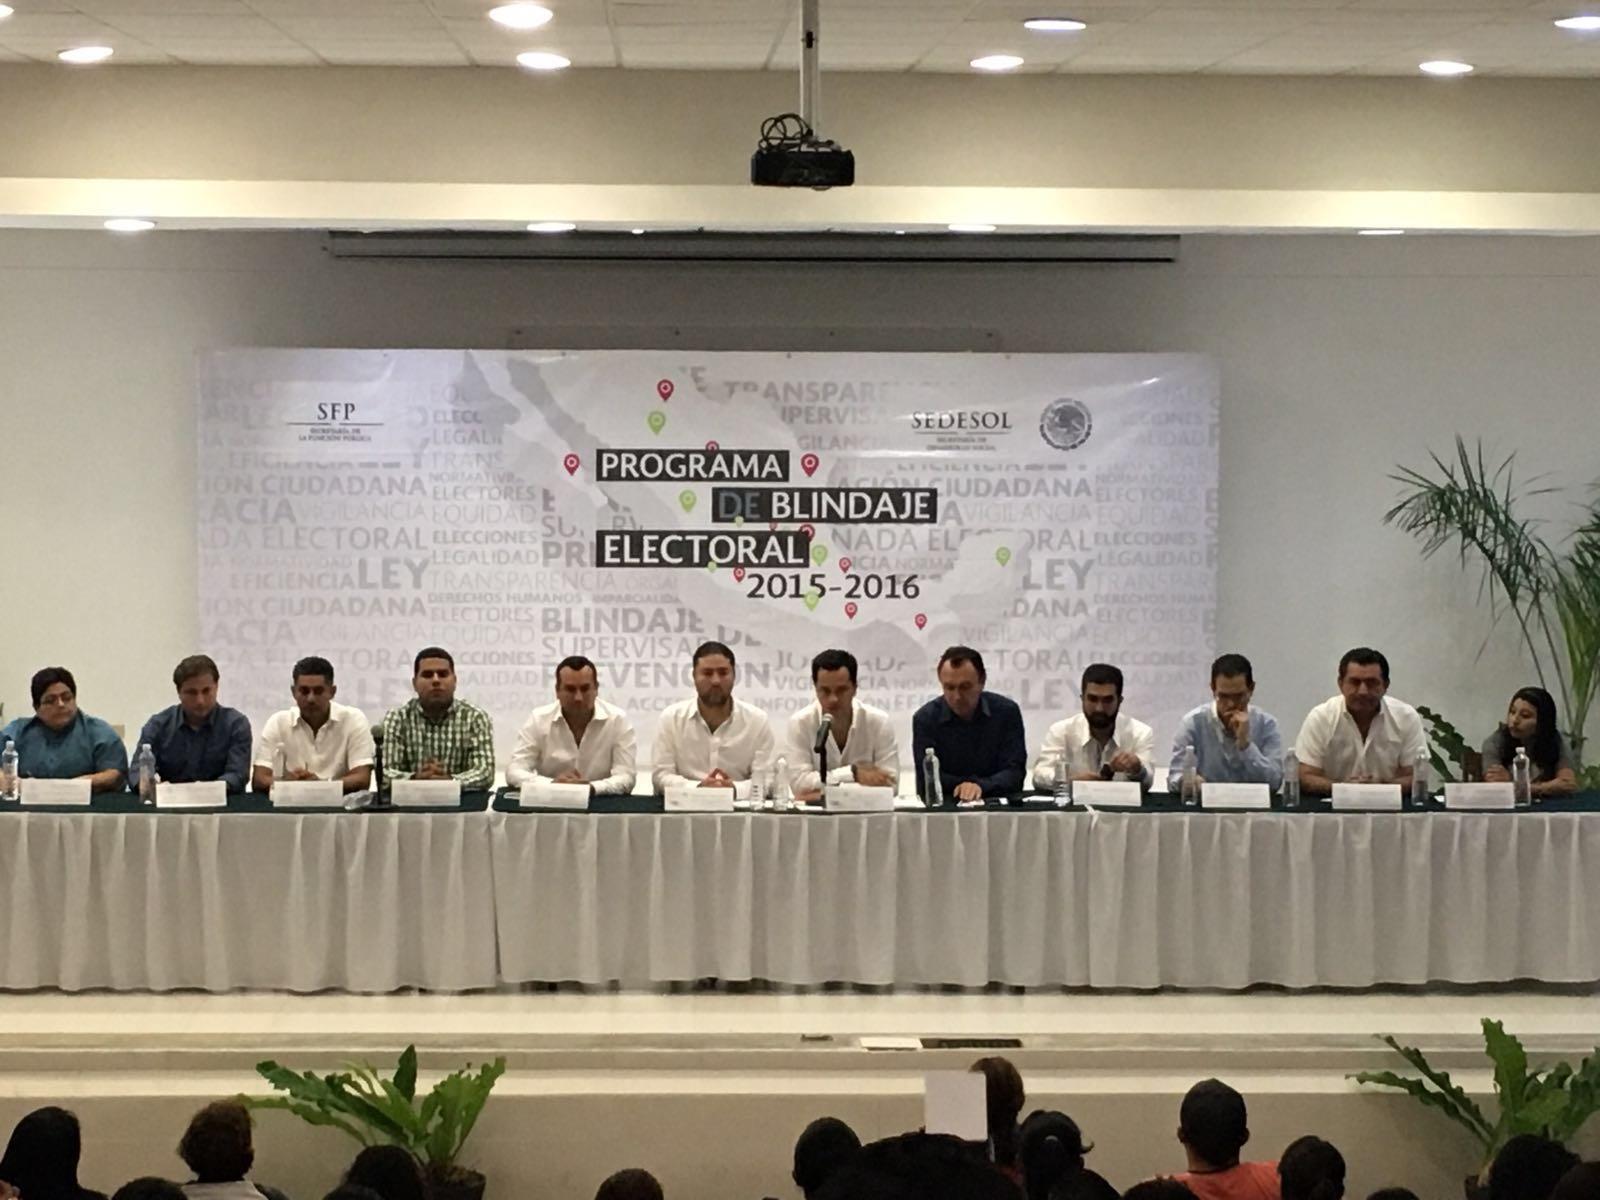 Se suma Quintana Roo a los estados con Comités Preventivos de Blindaje Electoral